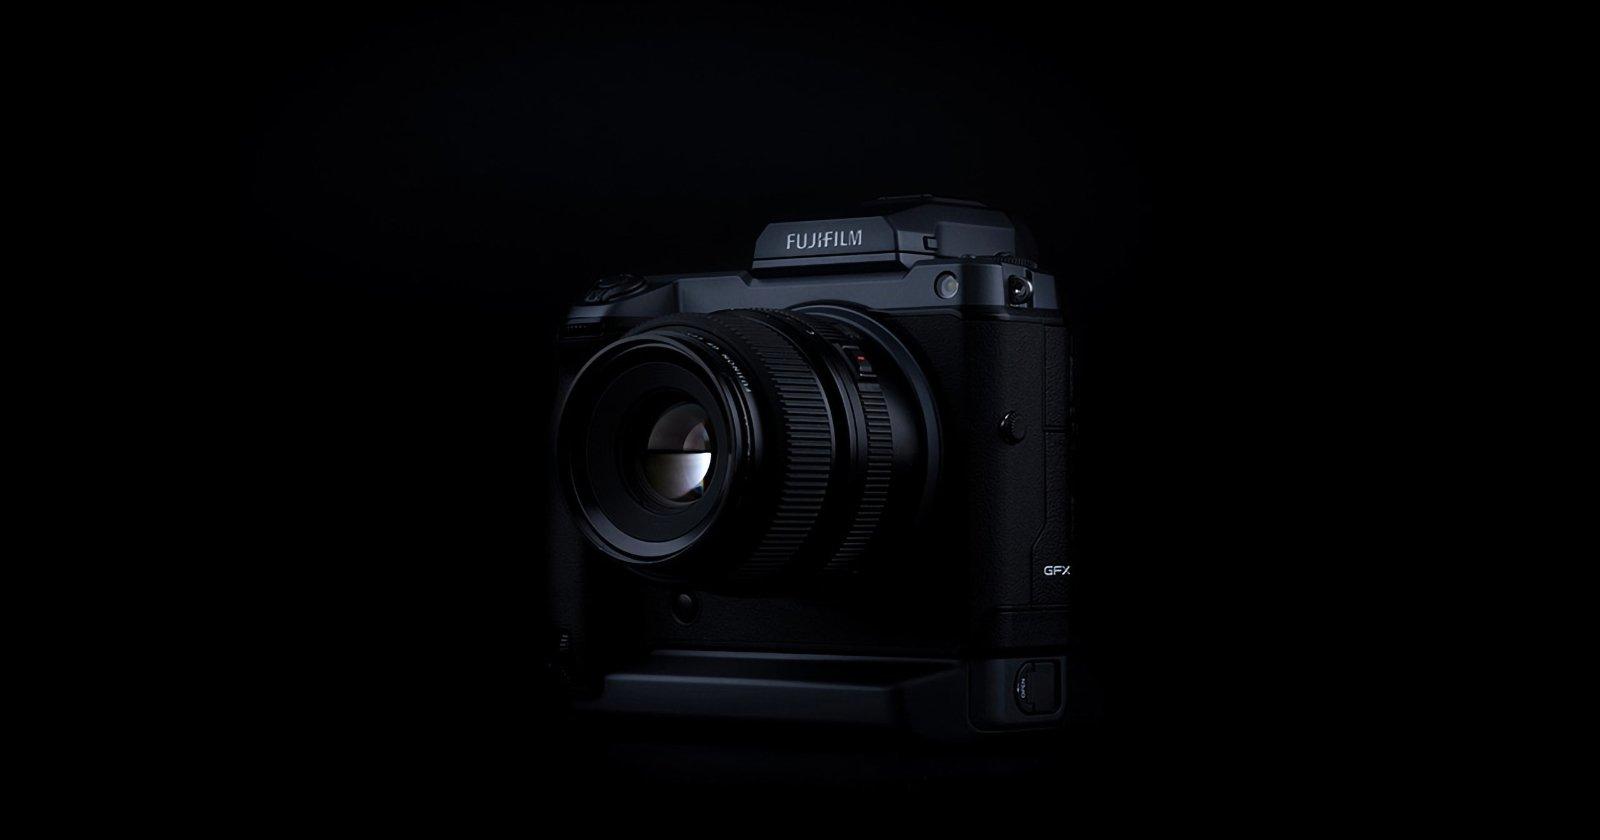 Fujifilm Announces GFX100 IR, a Forensics-Focused Infrared Camera